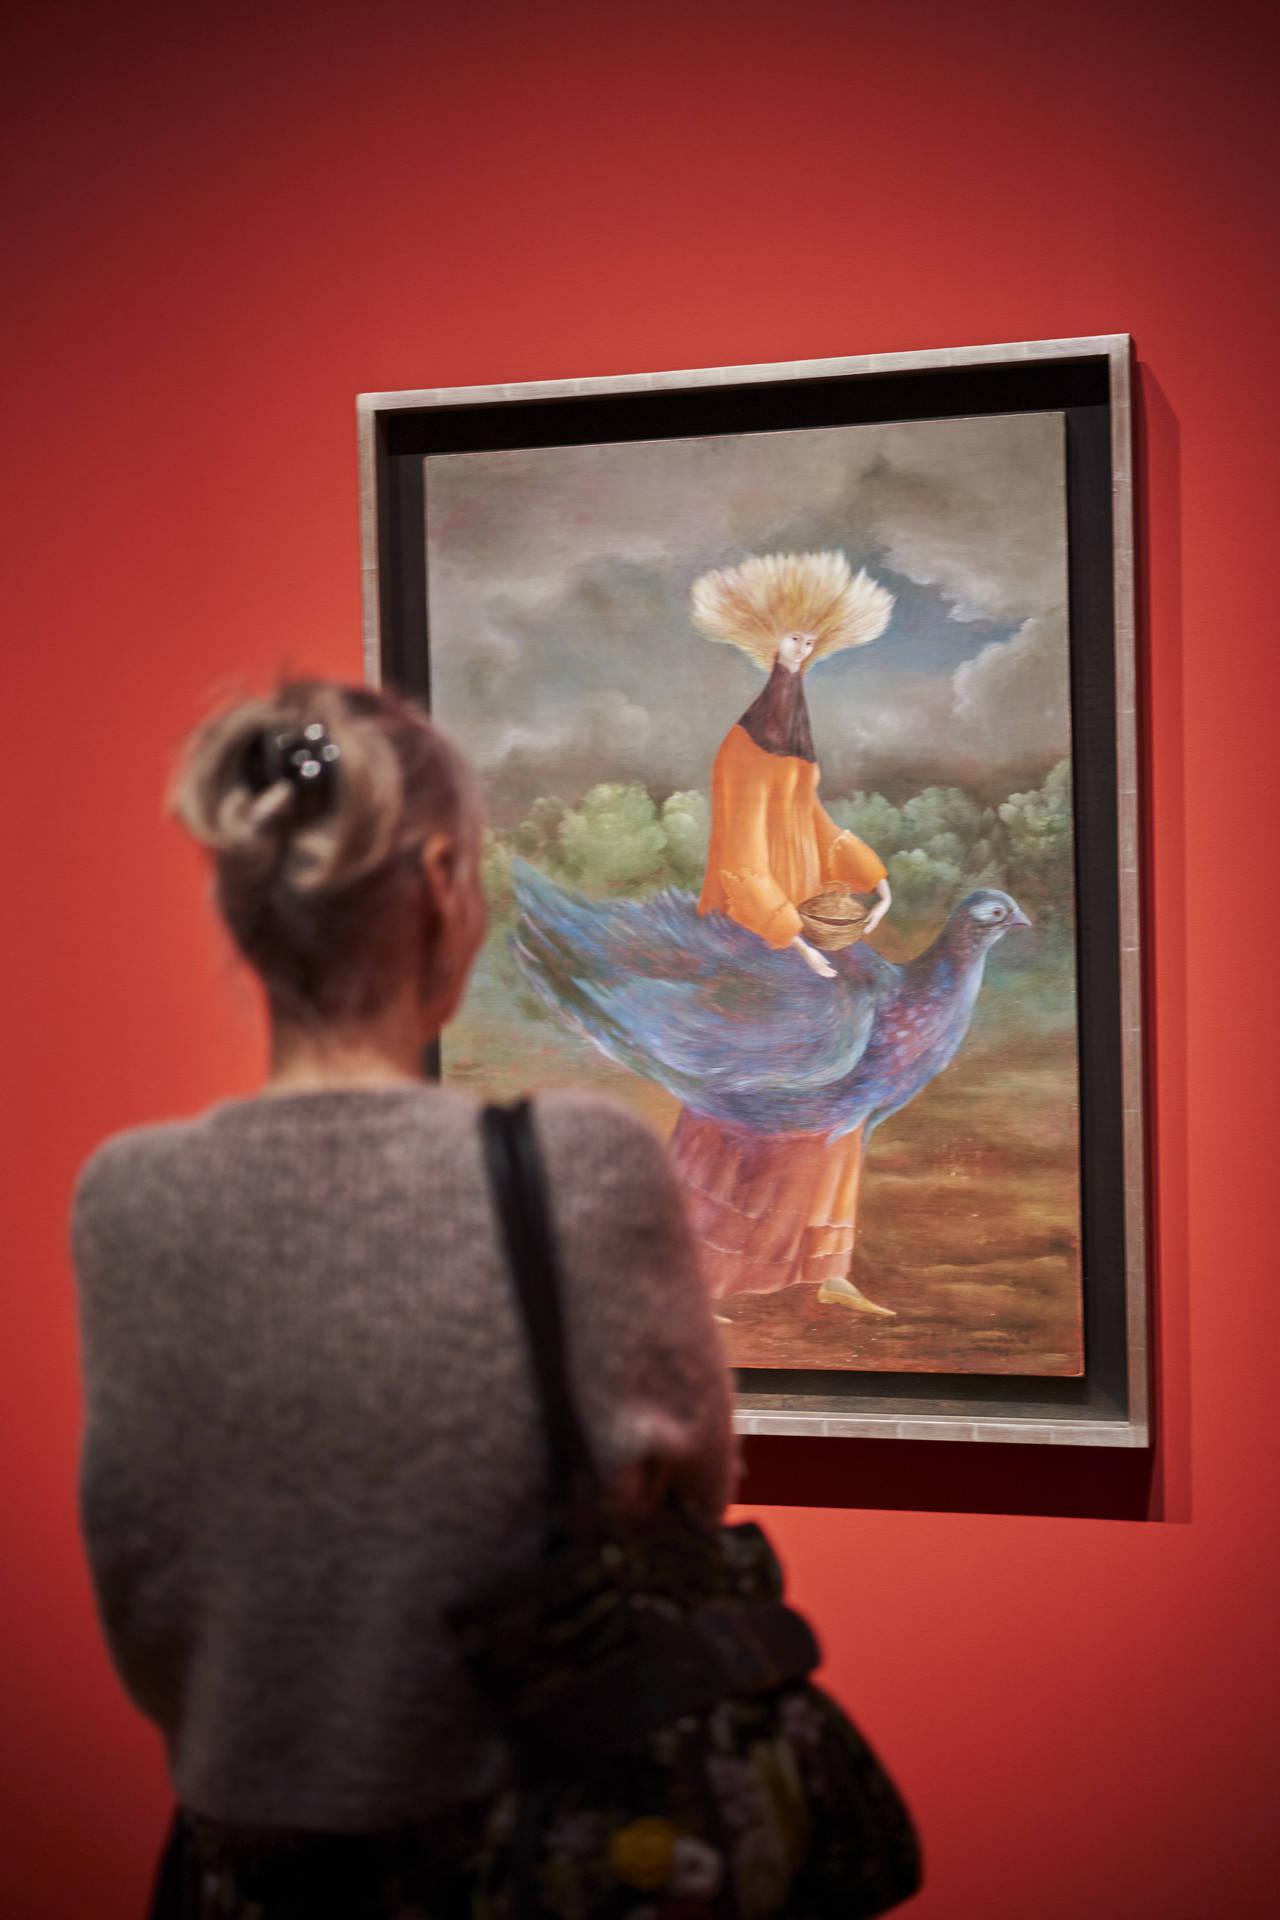 Fantastische Frauen Schirn Kunsthalle Frankfurt